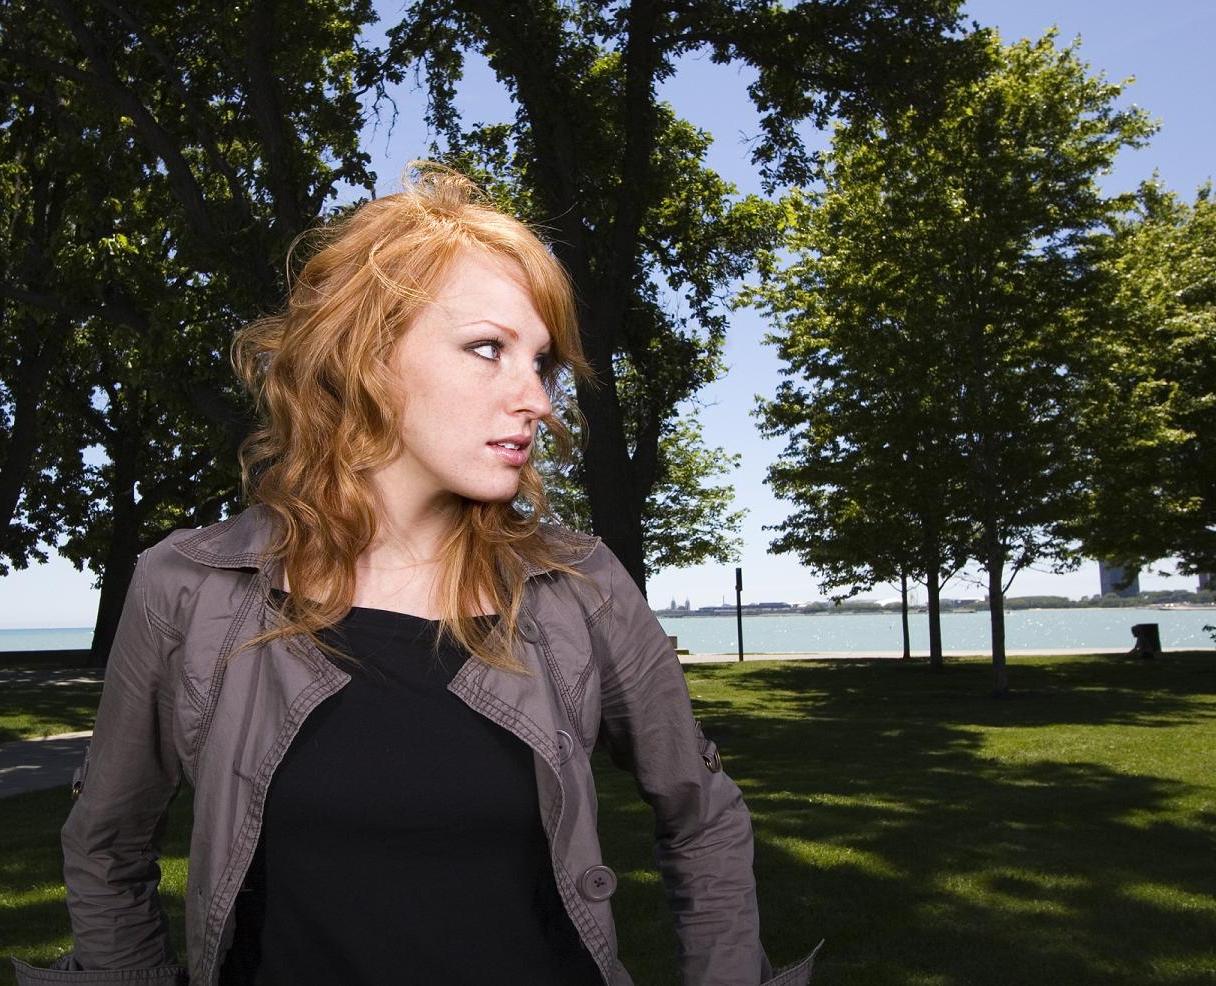 http://1.bp.blogspot.com/-O3bT0Paimp4/TeAN3dSfZyI/AAAAAAAAFKA/hryNjUDkz0M/s1600/JessicaSonner.jpg